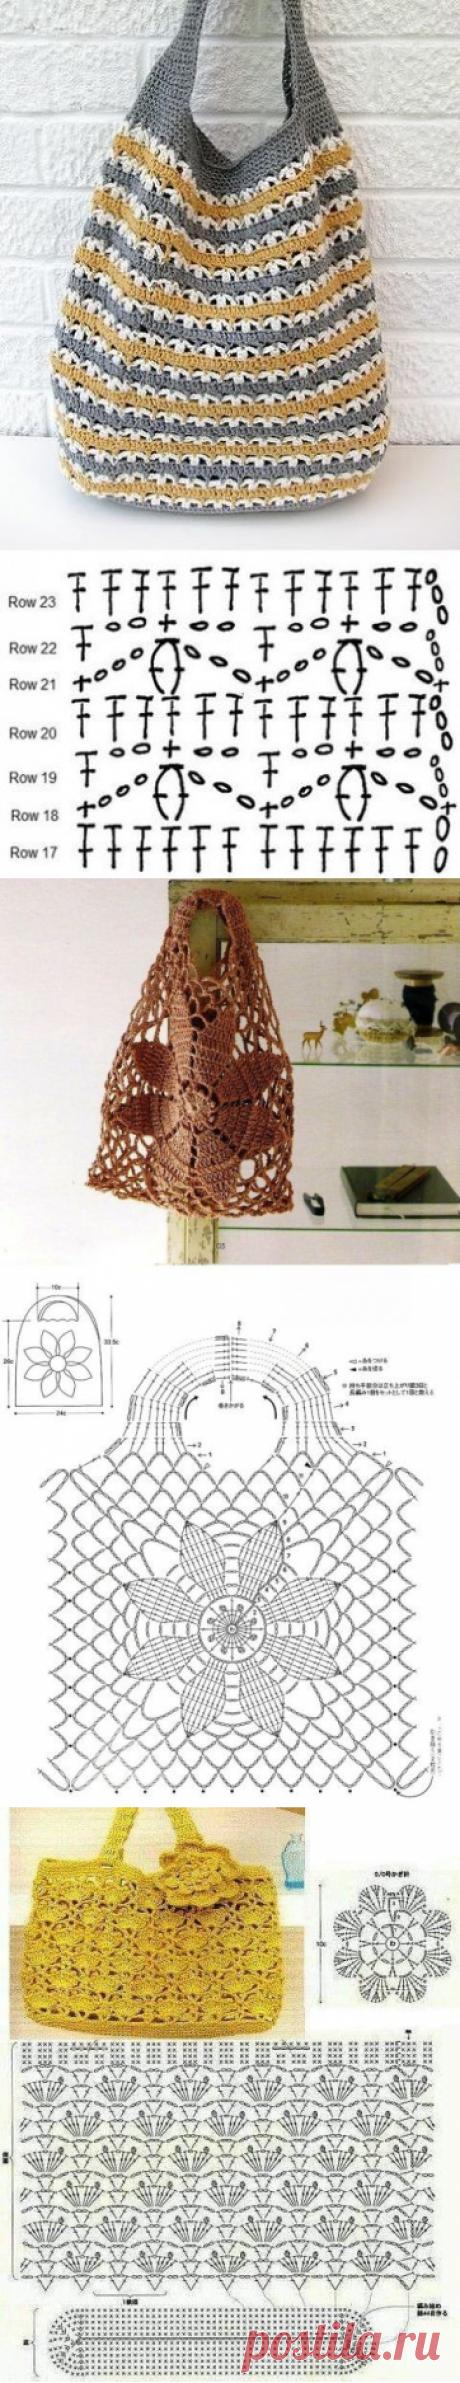 Вязаные летние сумочки, подойдет для конкурса! из категории Интересные идеи – Вязаные идеи, идеи для вязания